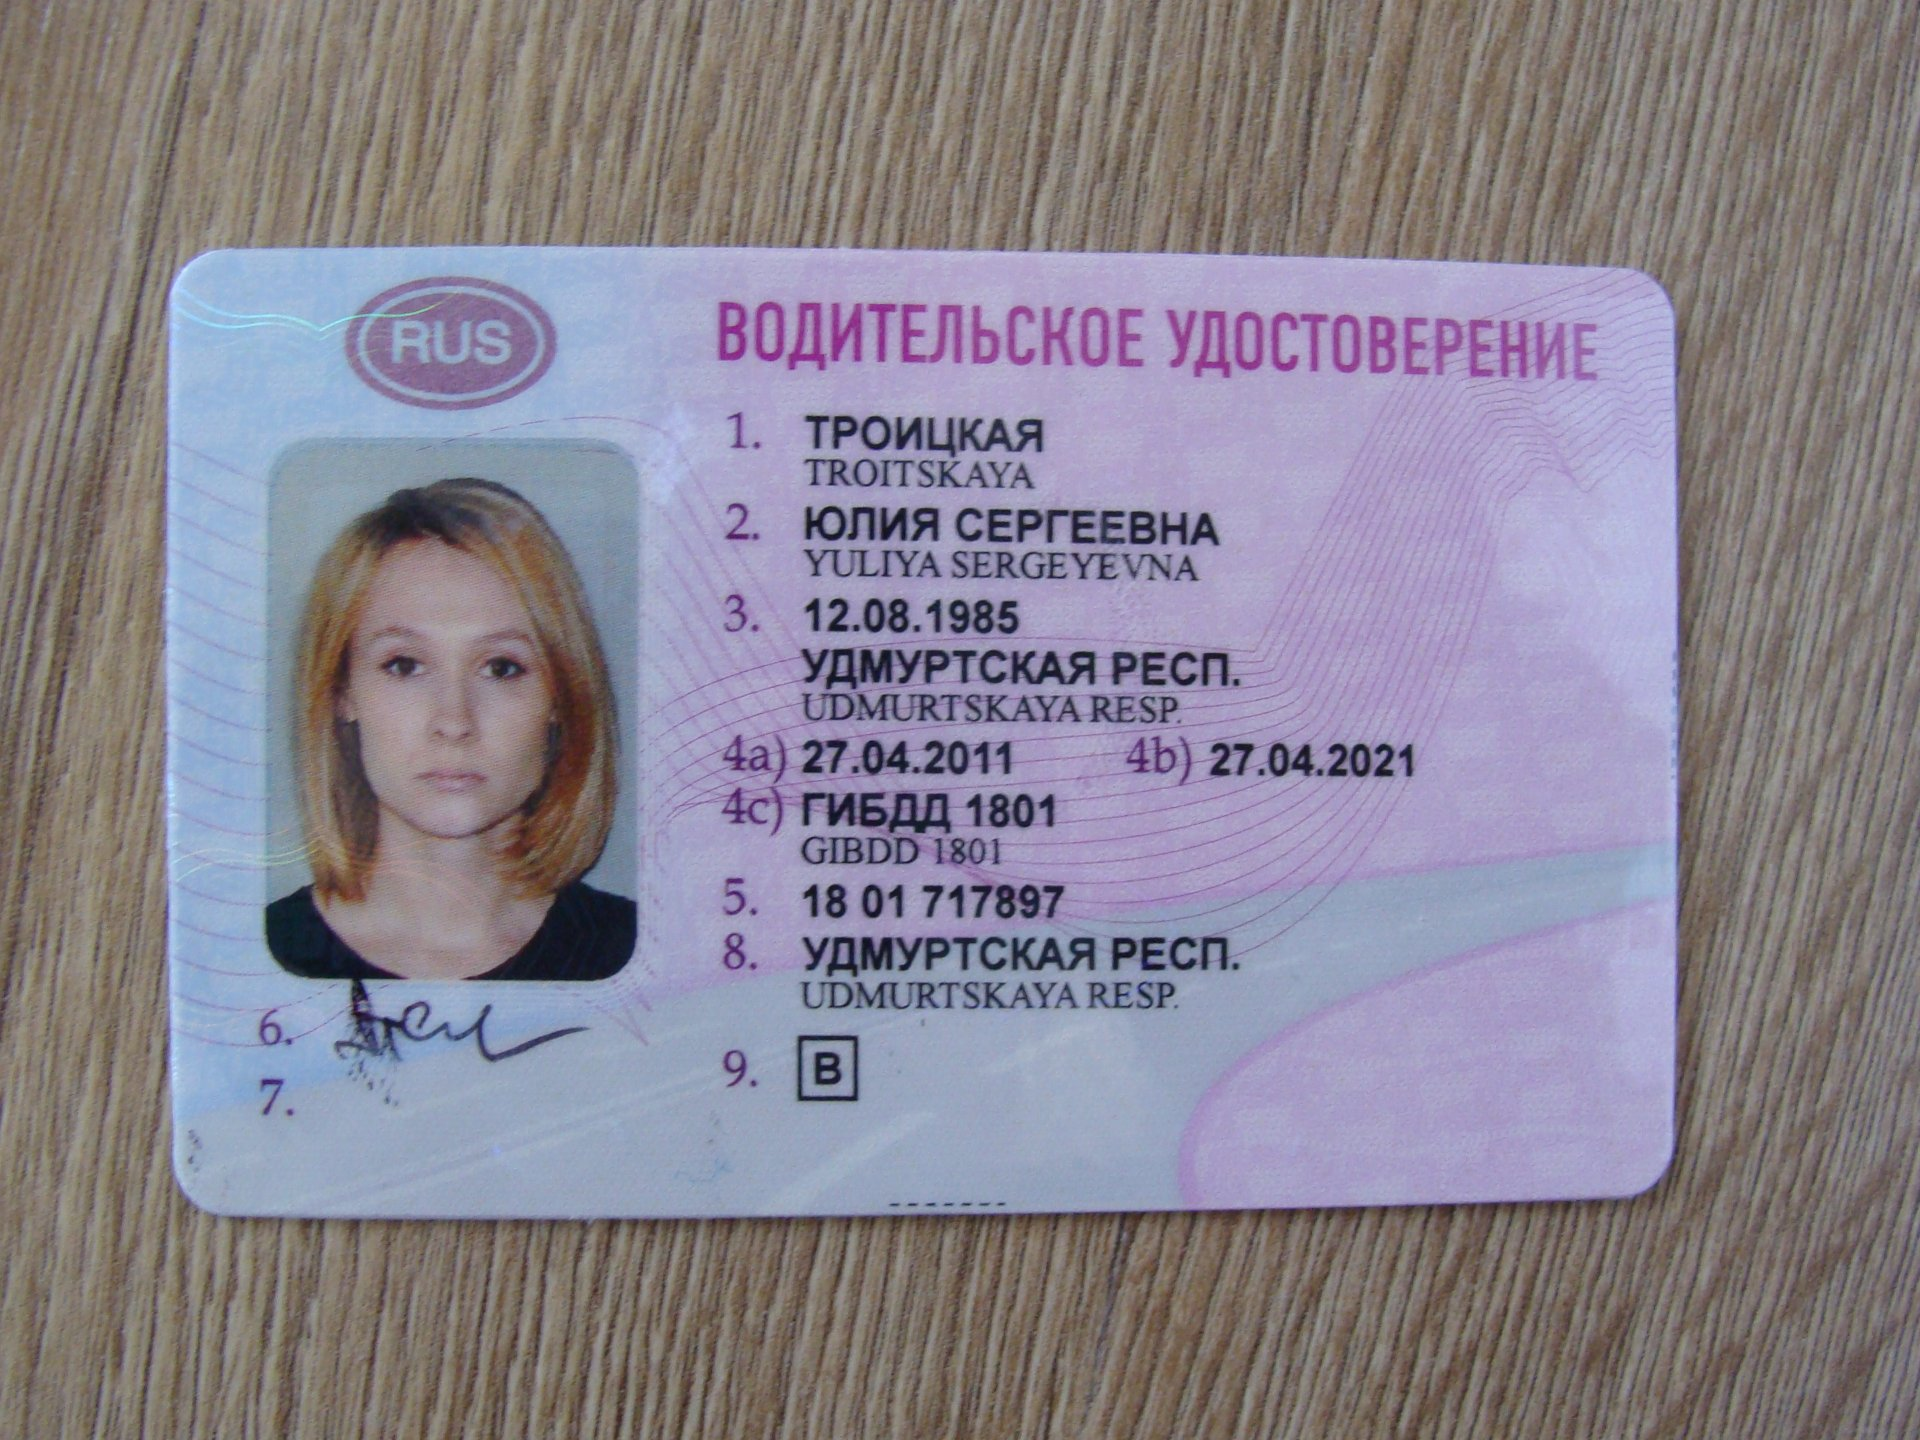 современное водительское удостоверение фото